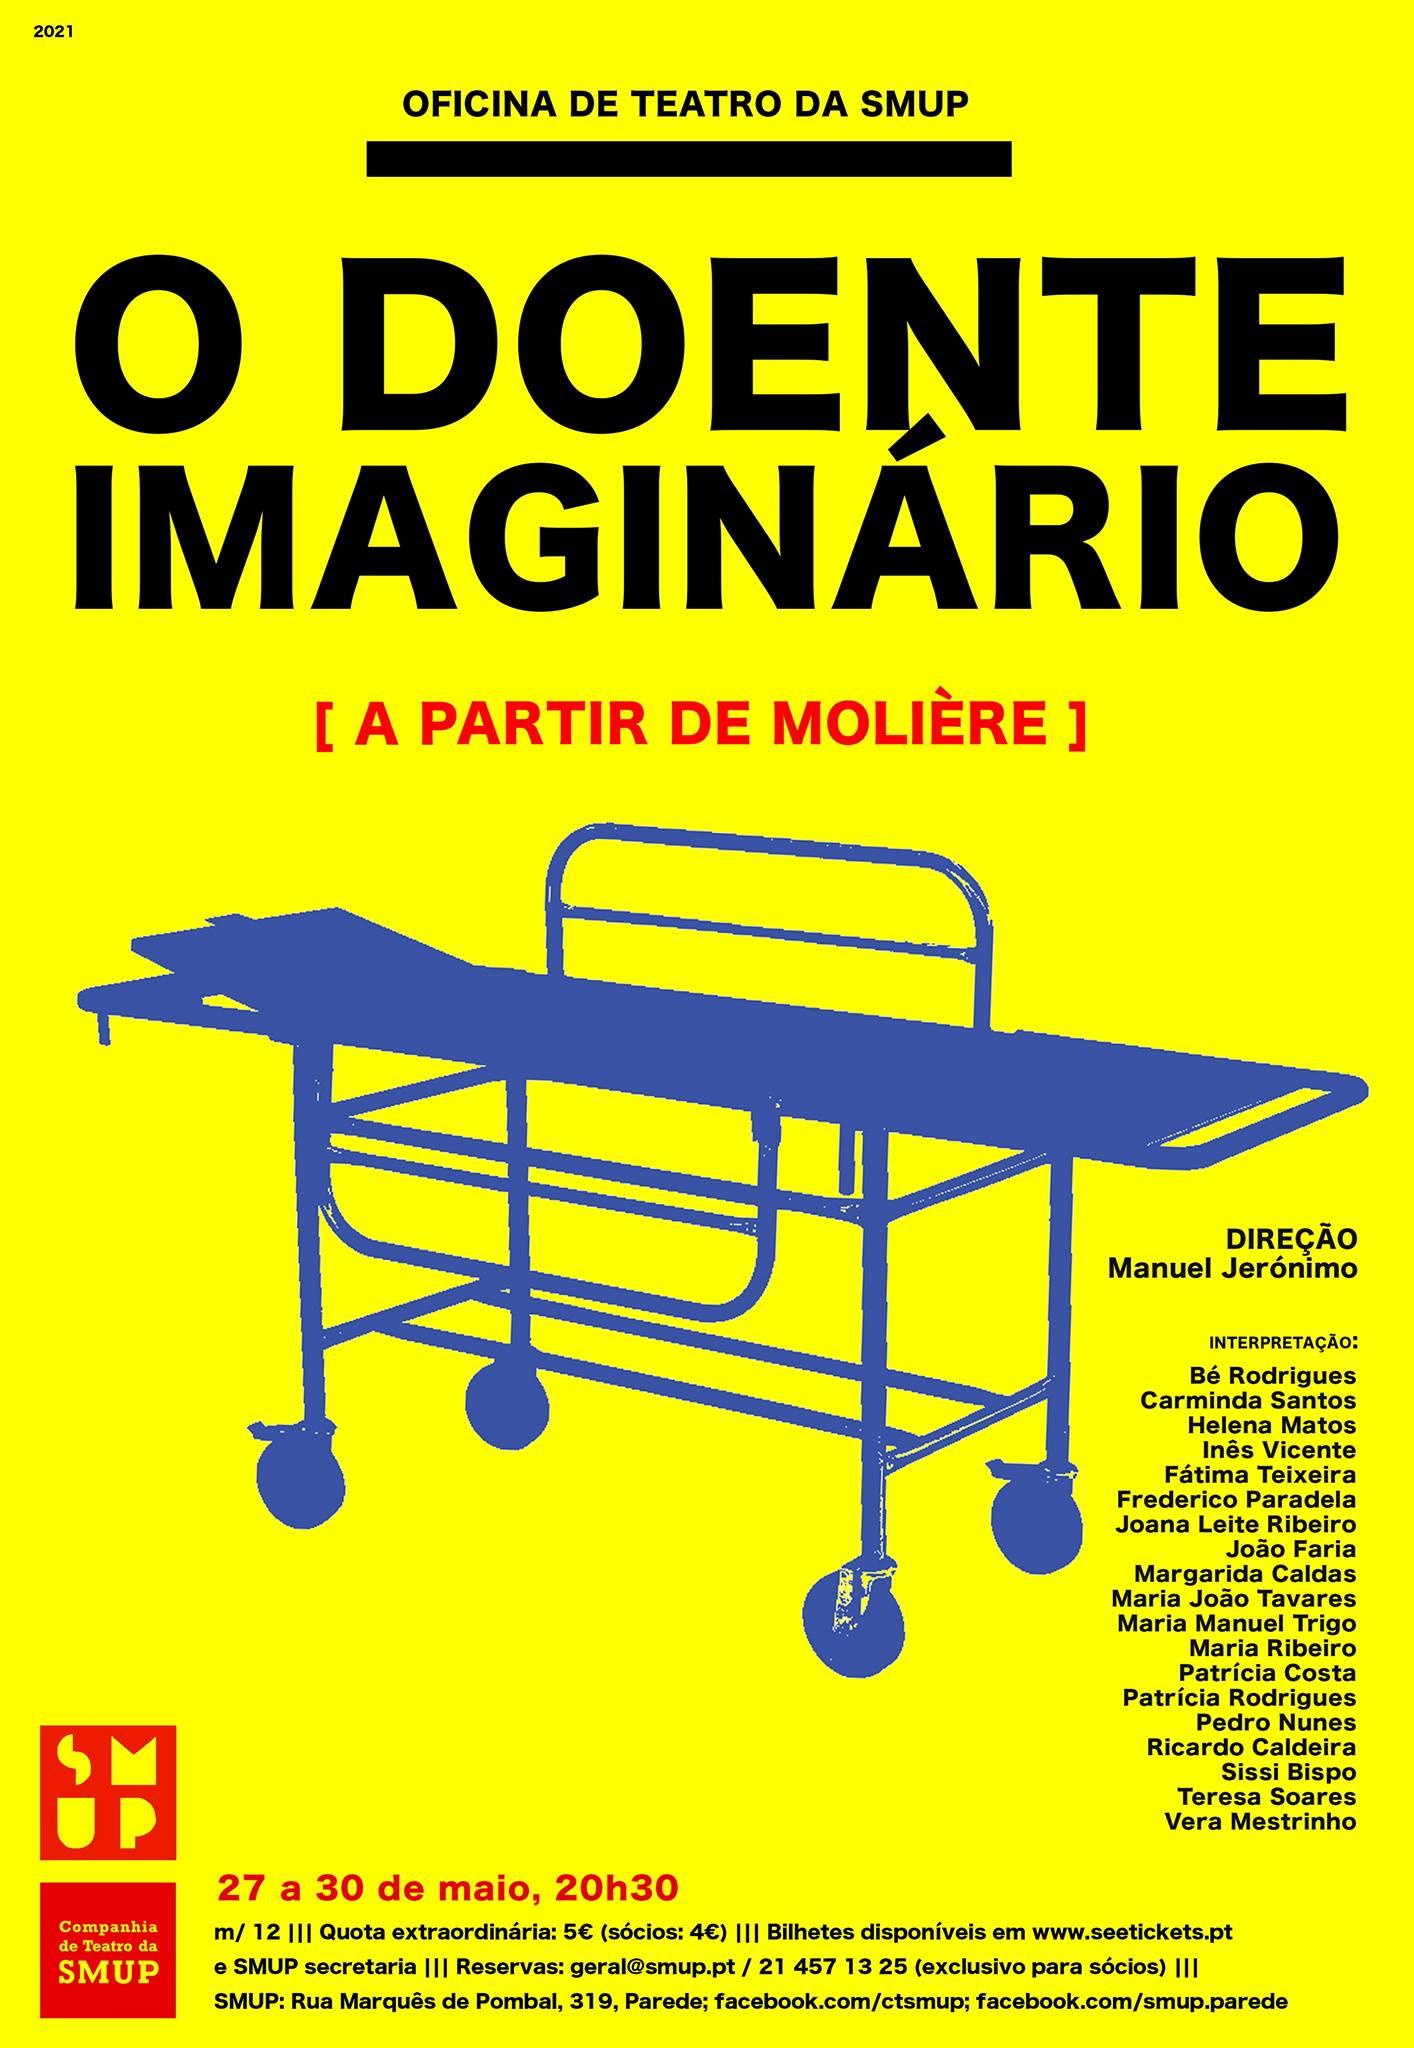 O Doente Imaginário - Apresentação final Oficina de Teatro da SMUP